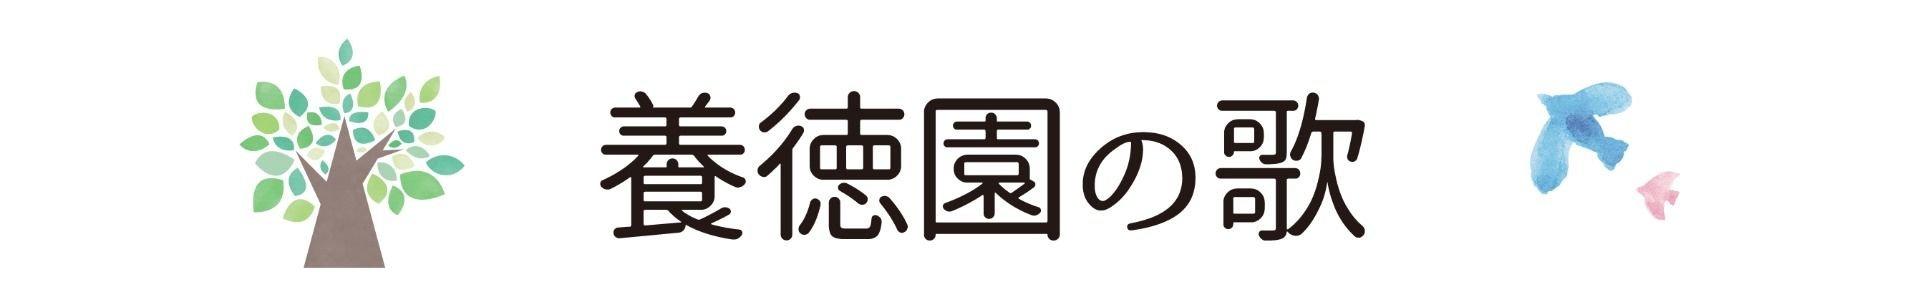 養徳園の歌.jpg